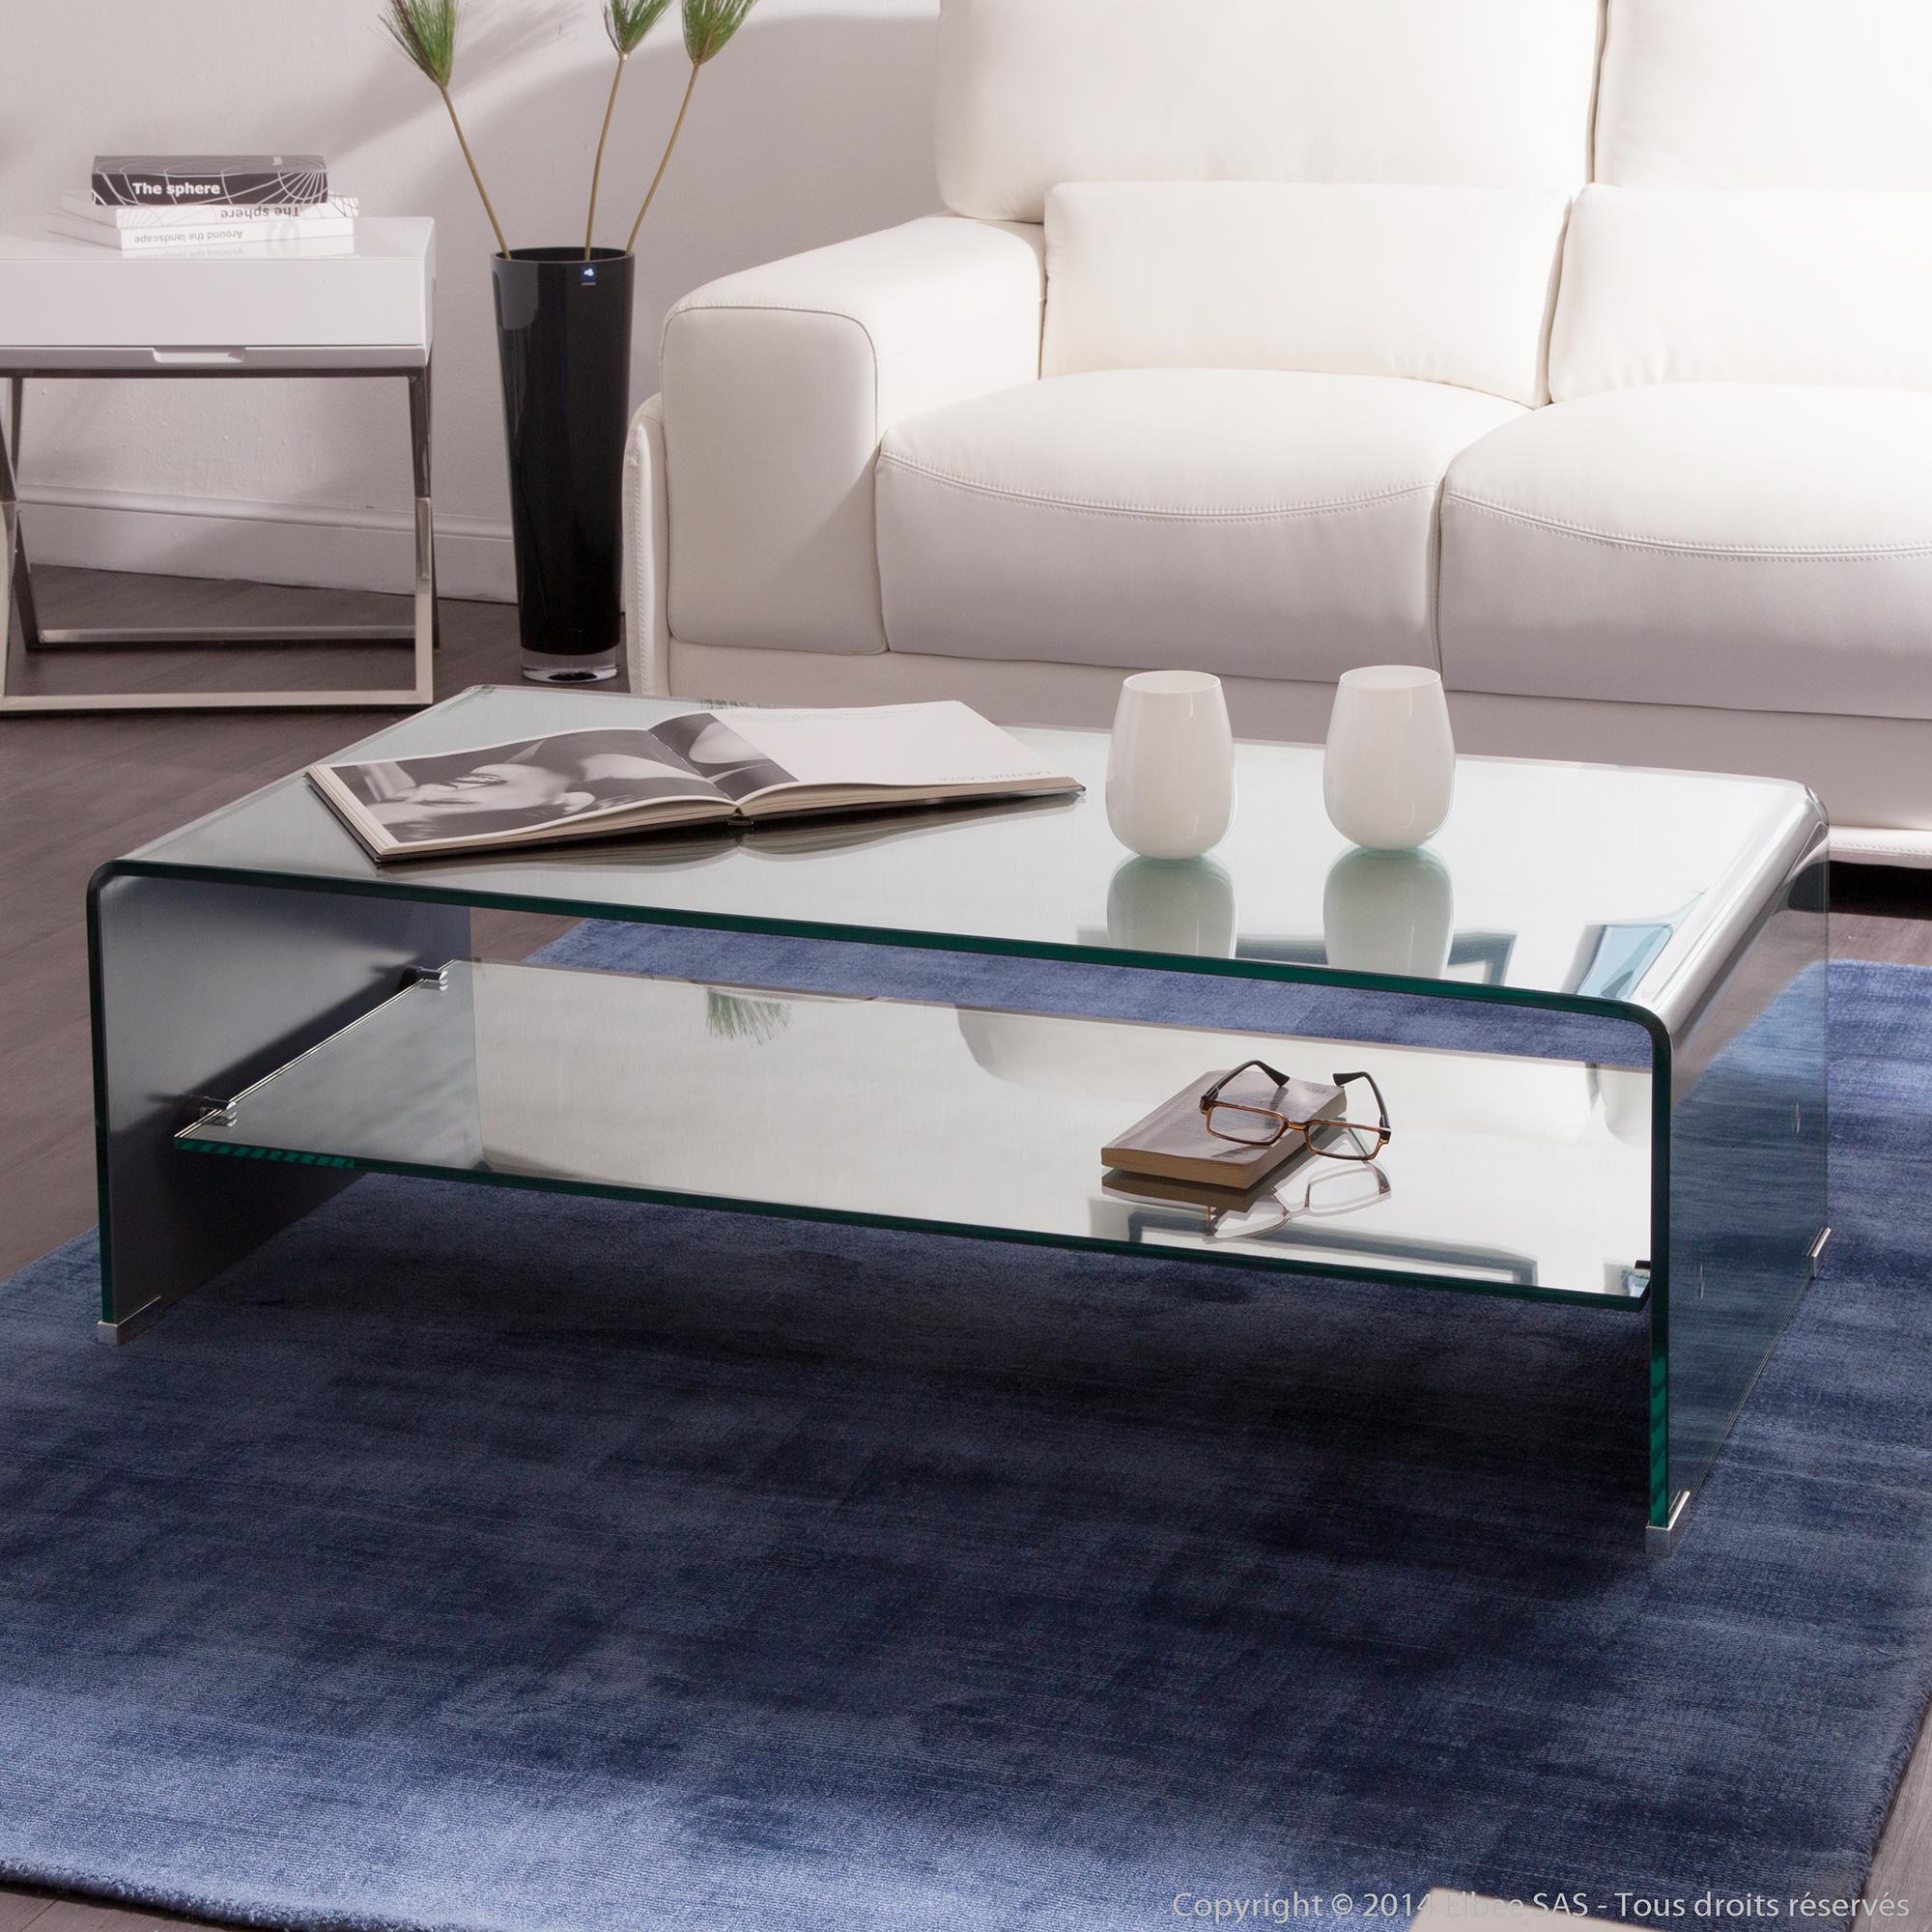 Table basse rectangulaire hegoa en verre courb avec tablette comparer avec - Table basse tablette ...